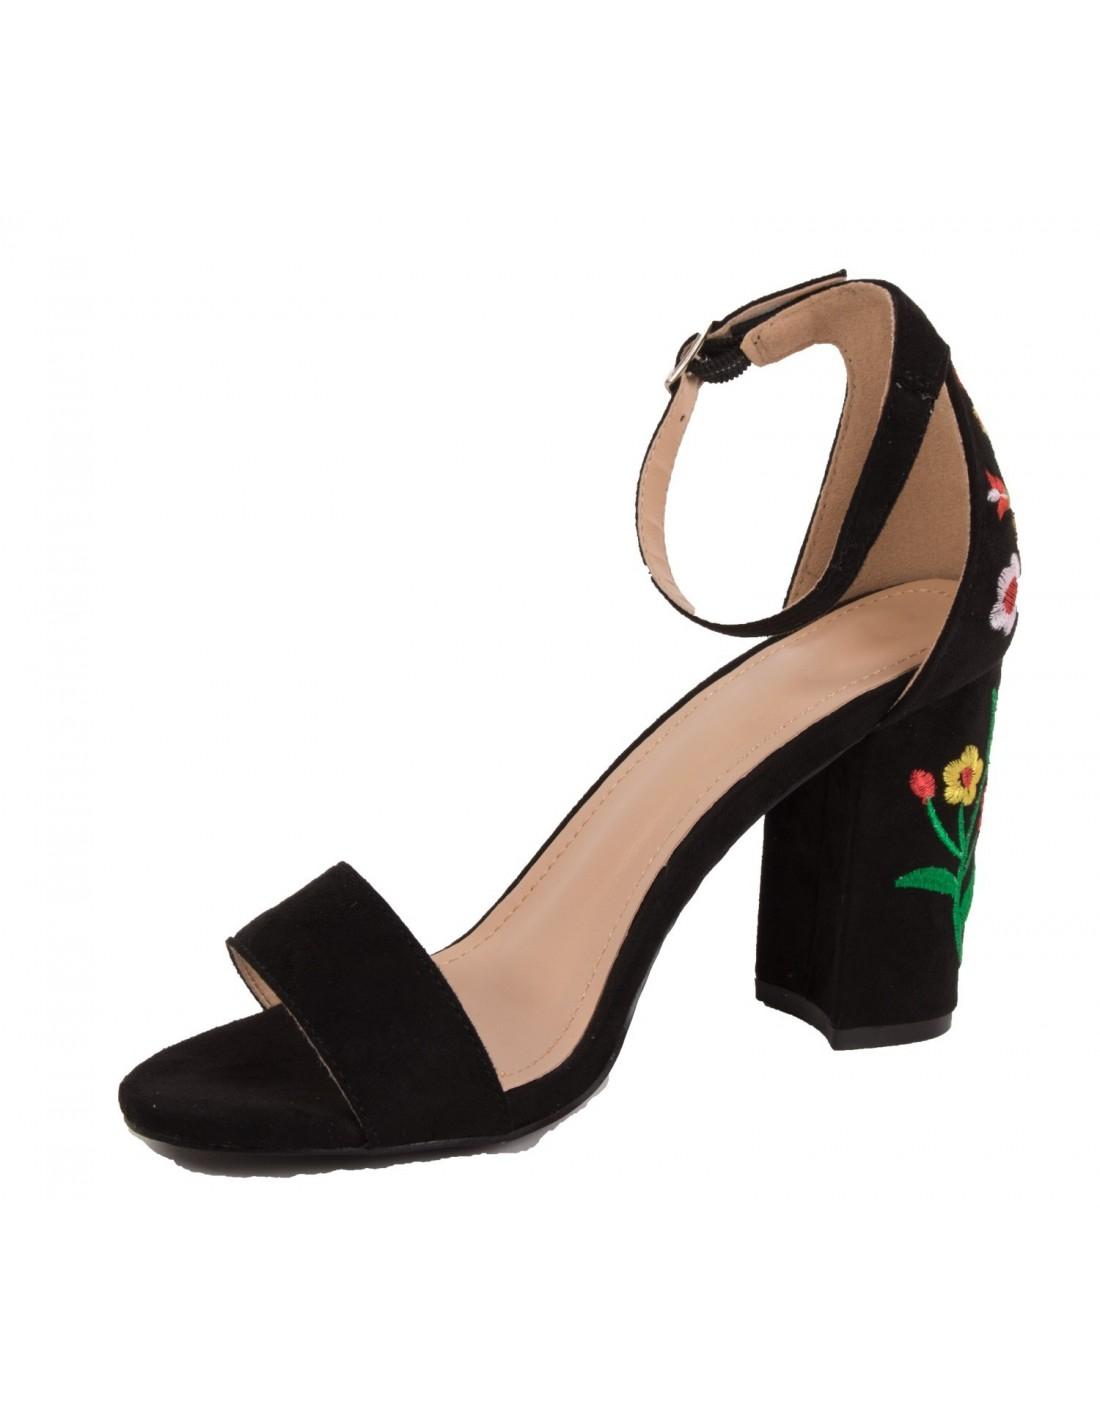 Sandales ouvertes femme à talon épais motif broderie fleur